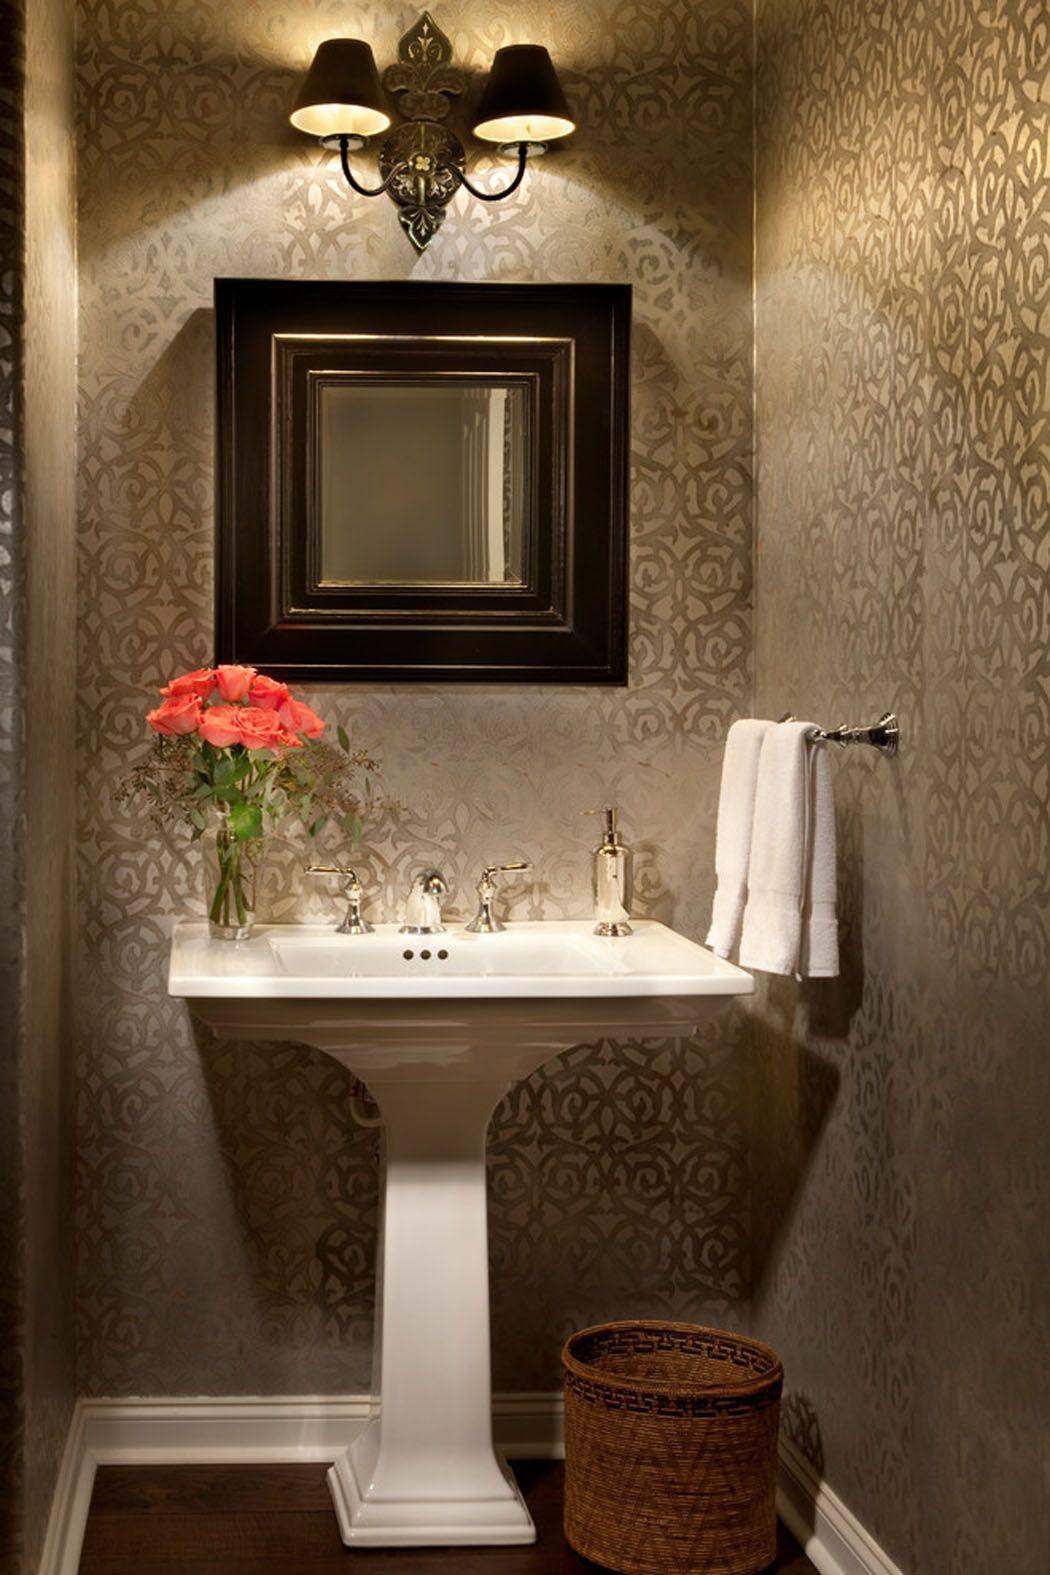 Dcoration aux lumires tamises pour les toilettes